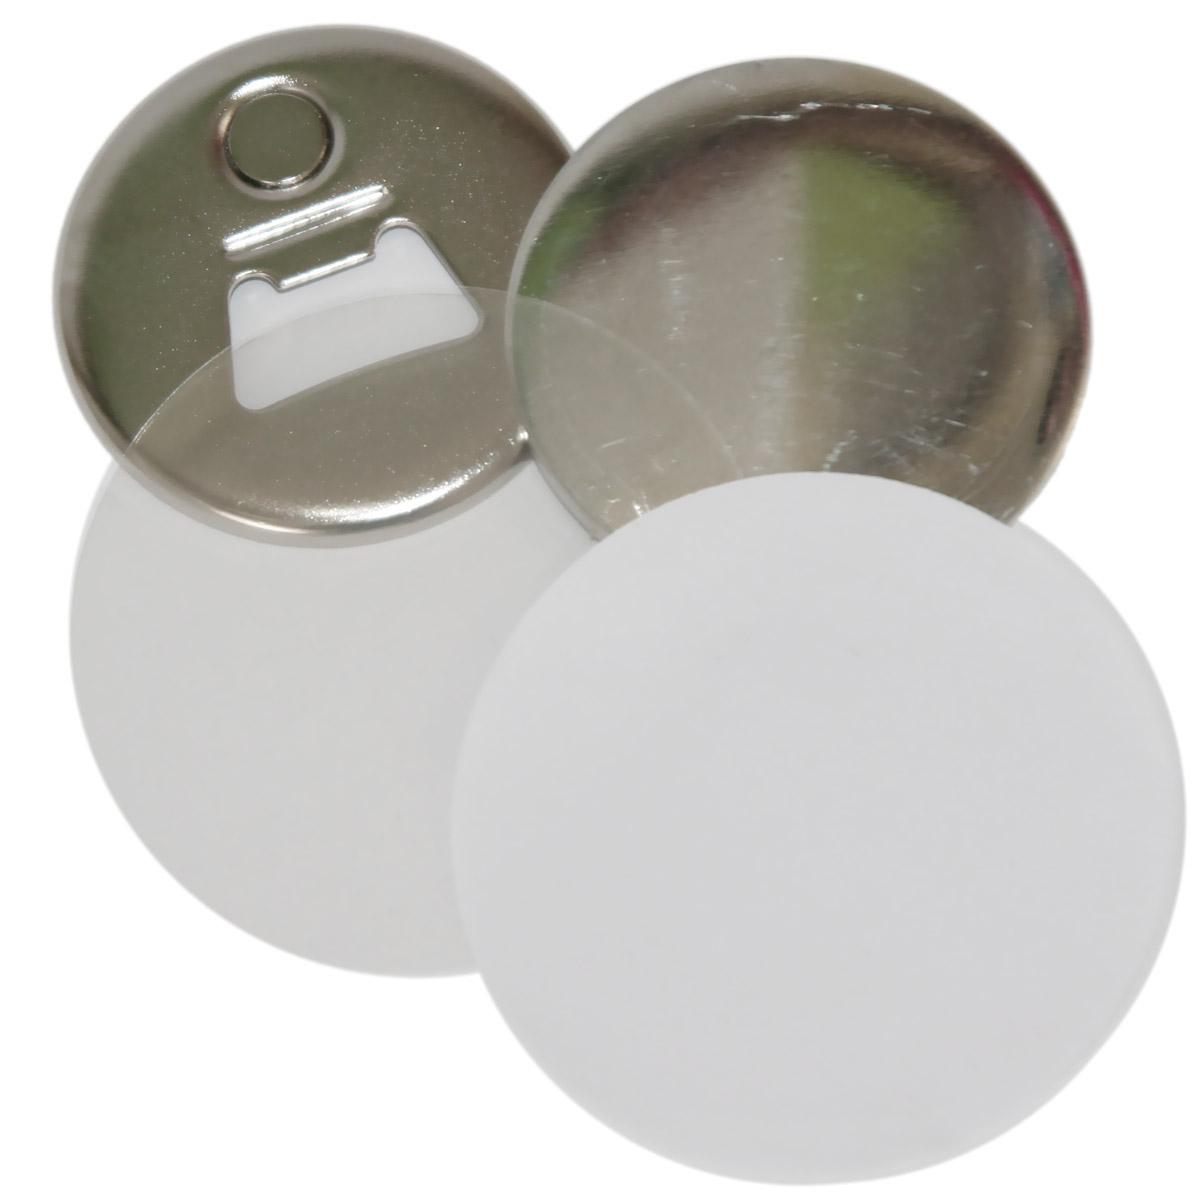 Komponenty do przypinek z otwieraczem magnetycznym